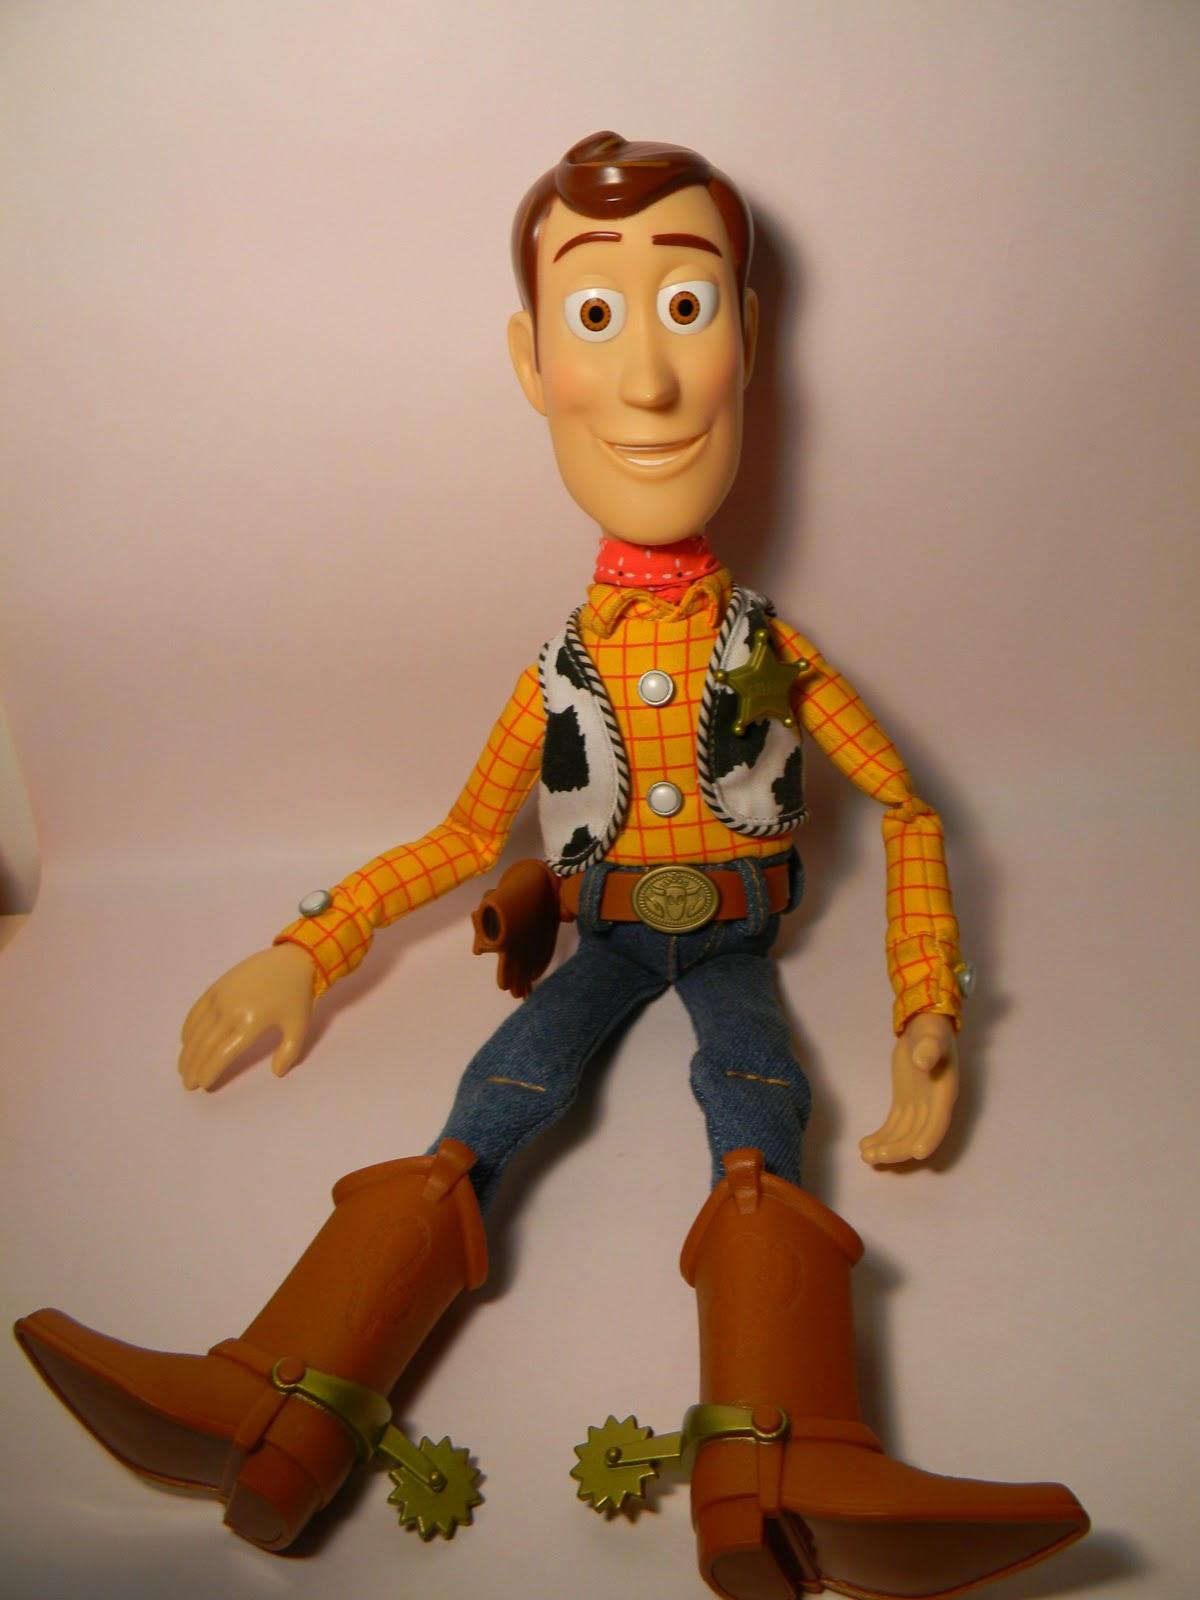 b8d5ad23d3fc6 Una vez que hallamos liberado a Woody de los embalajes podremos disfrutar de  su compañia en nuestra habitaciòn